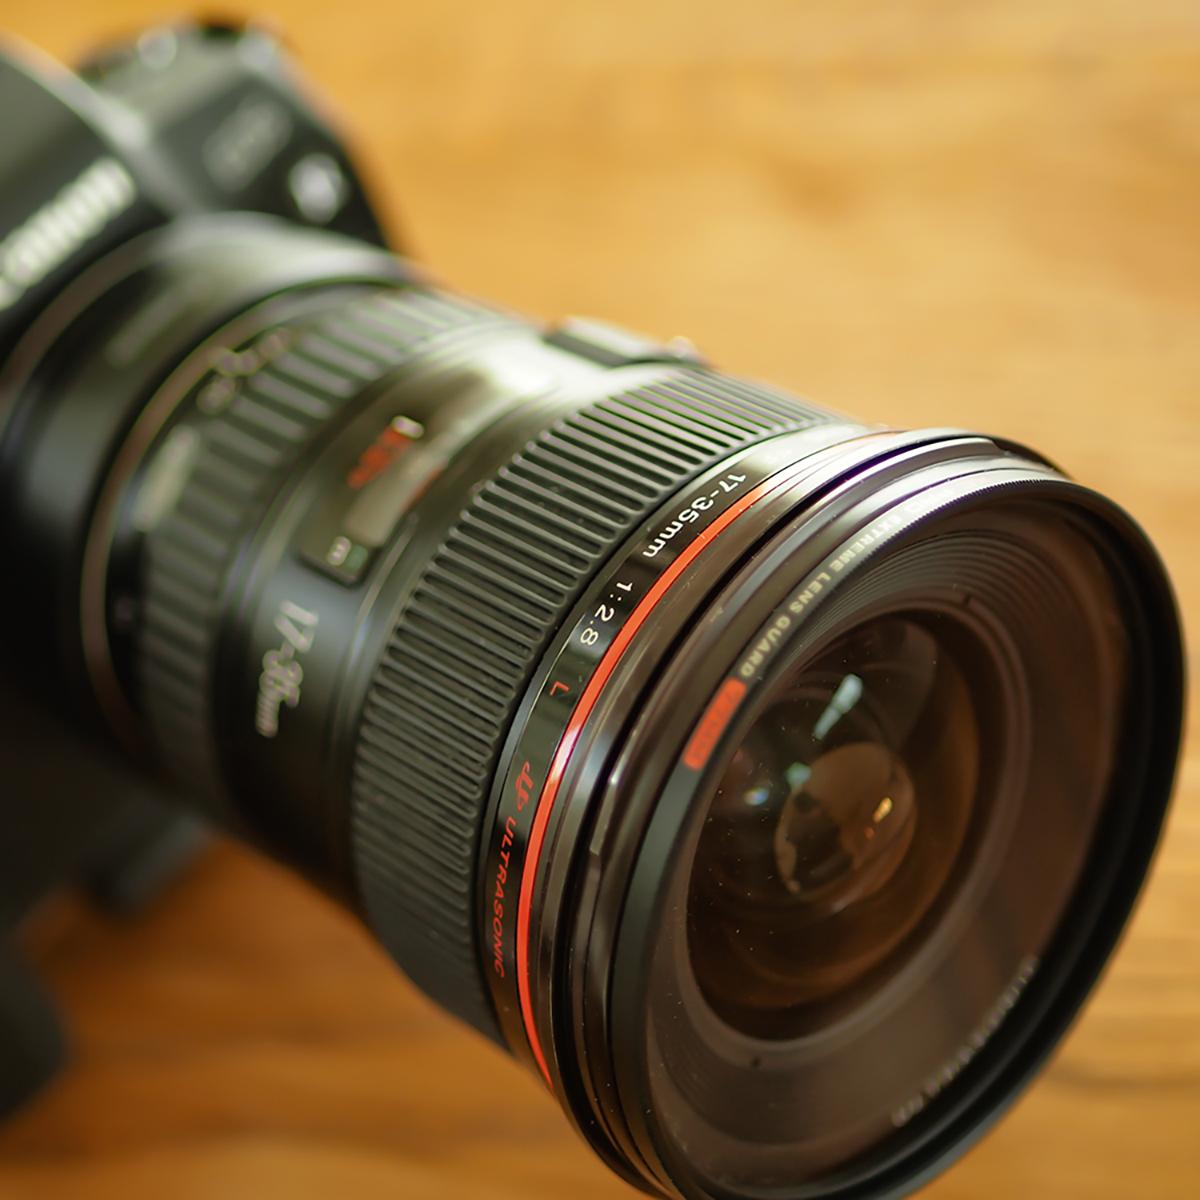 EOS Rで蘇る、EFオールドLレンズ。CANON EF 17-35mm F2.8L USM